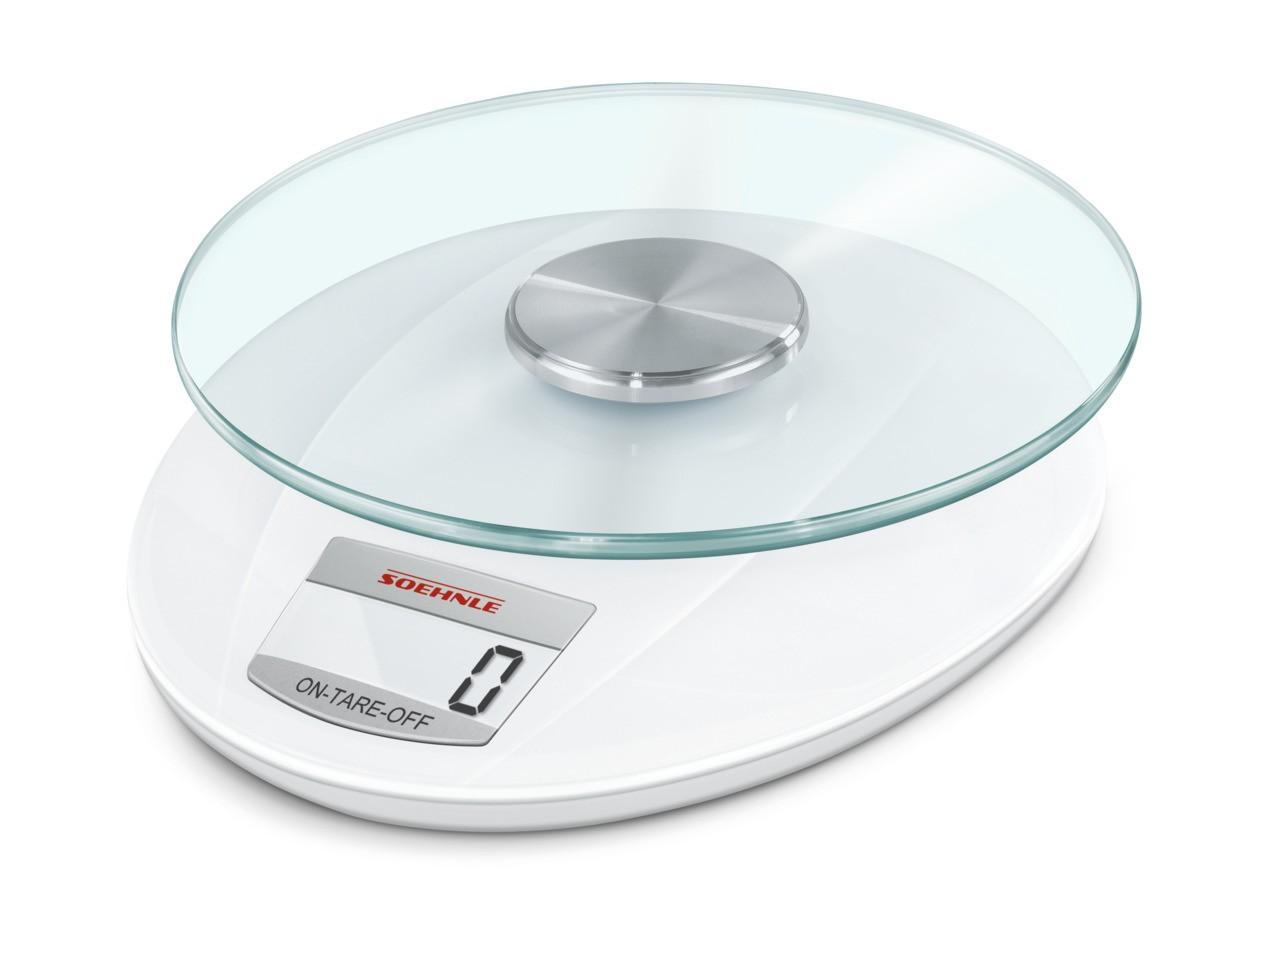 Ζυγαριά Κουζίνας Ψηφιακή 5kg Soehnle Roma White home   εργαλεια κουζινας   ζυγαριές